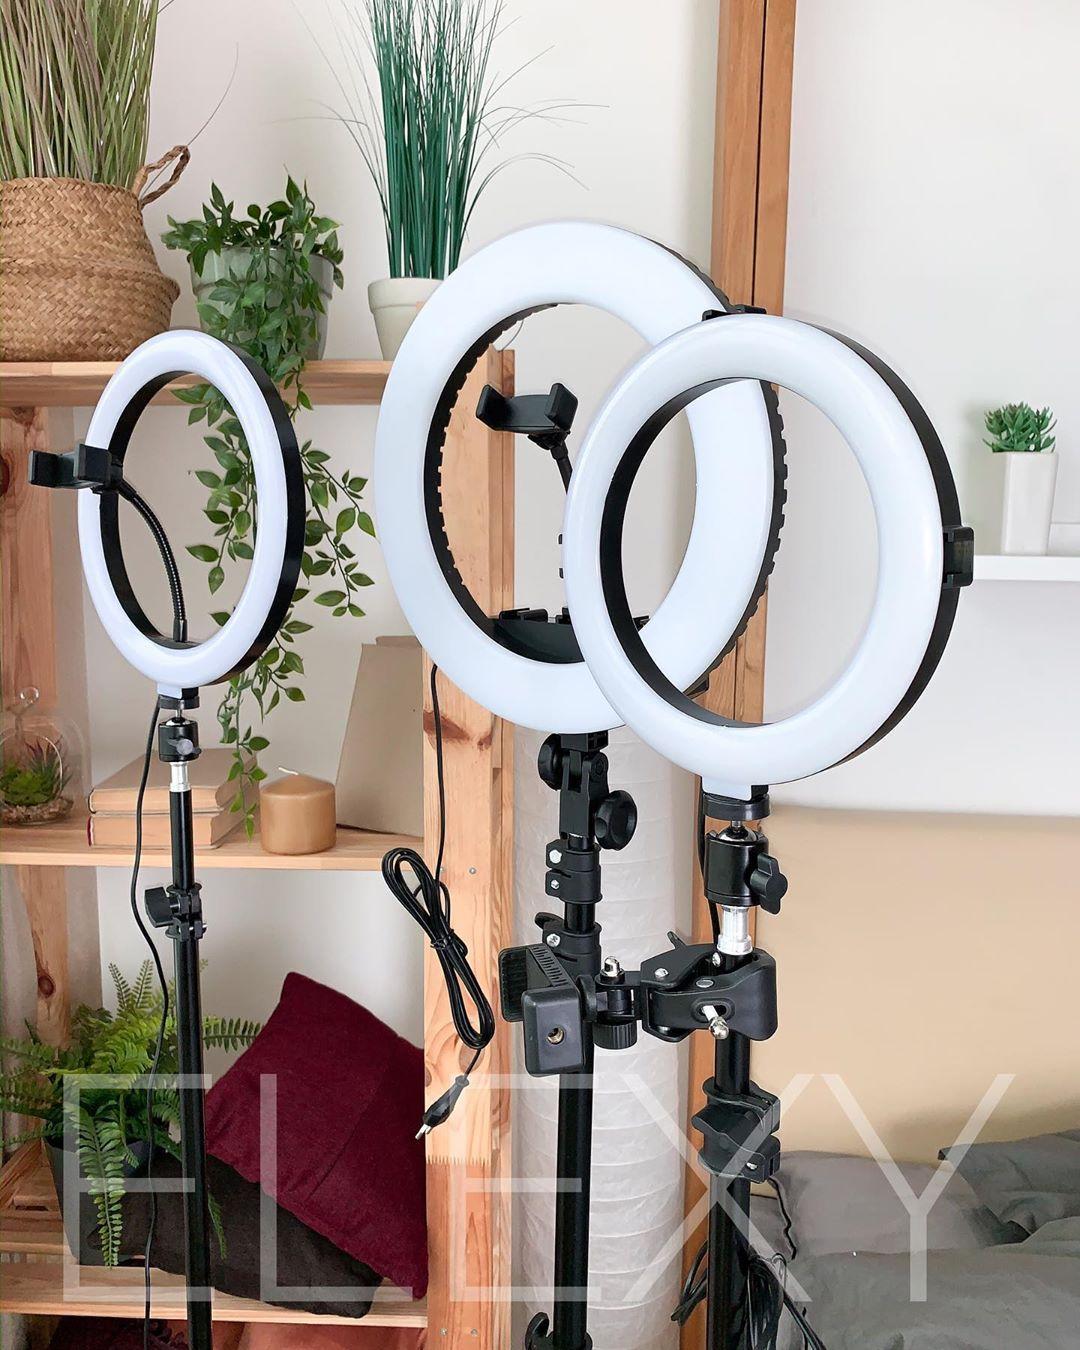 кольцевая лампа купить в нижнем